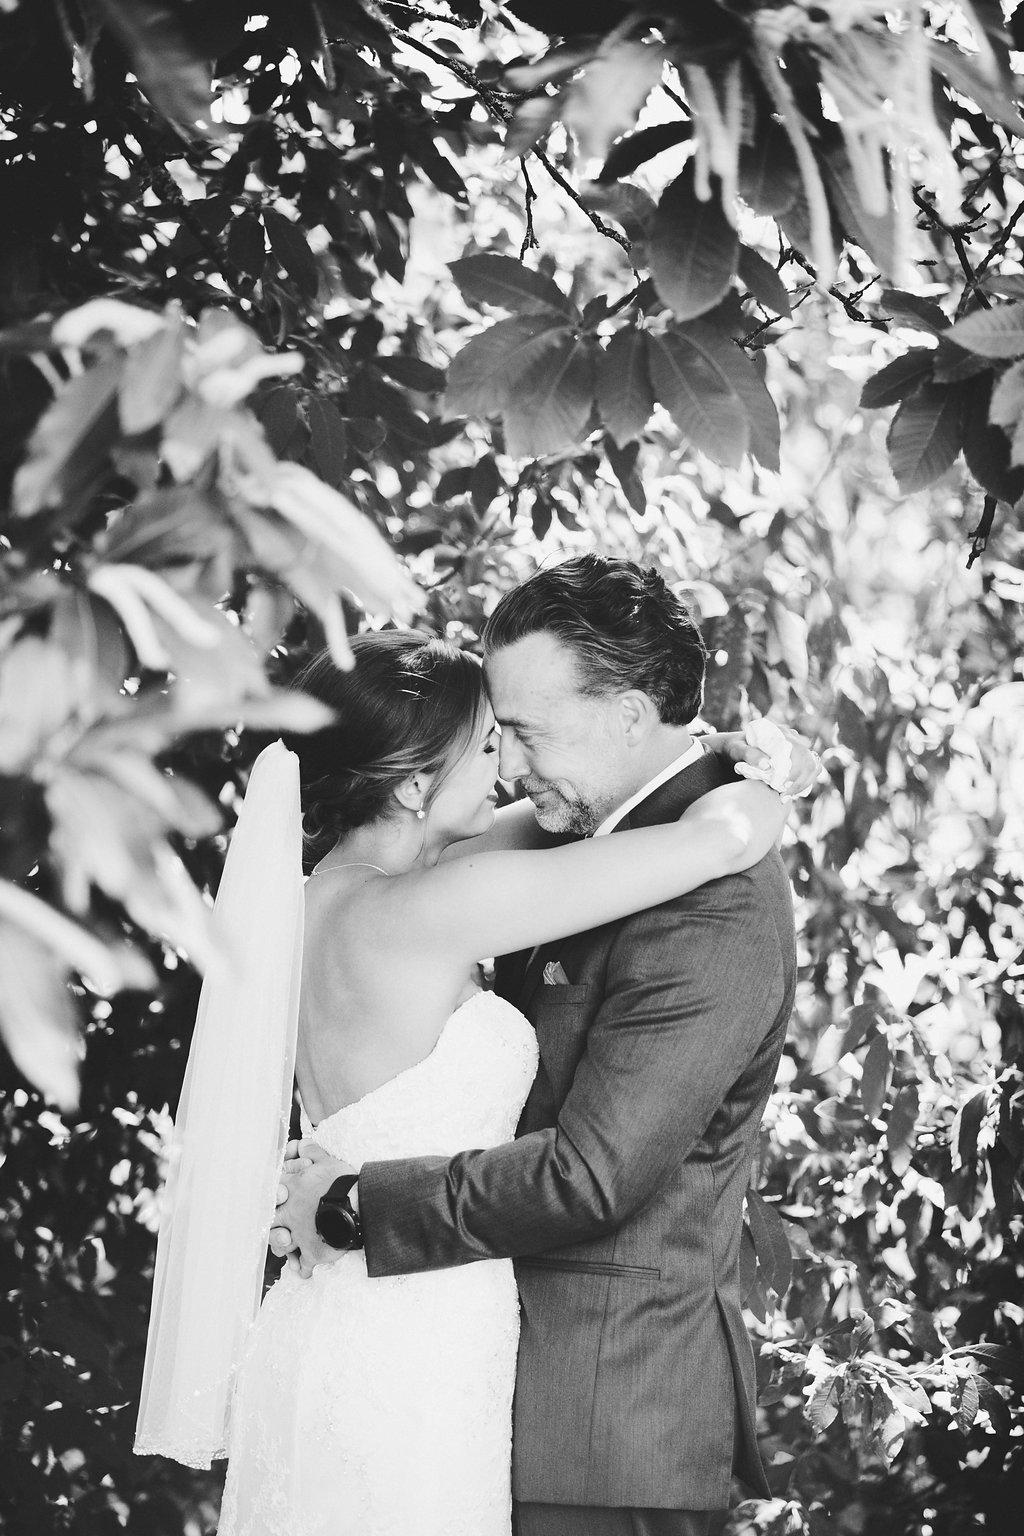 Erin+Tyson_The_Kelley_Farm_Wedding_by_Adina_Preston_Weddings_57.JPG